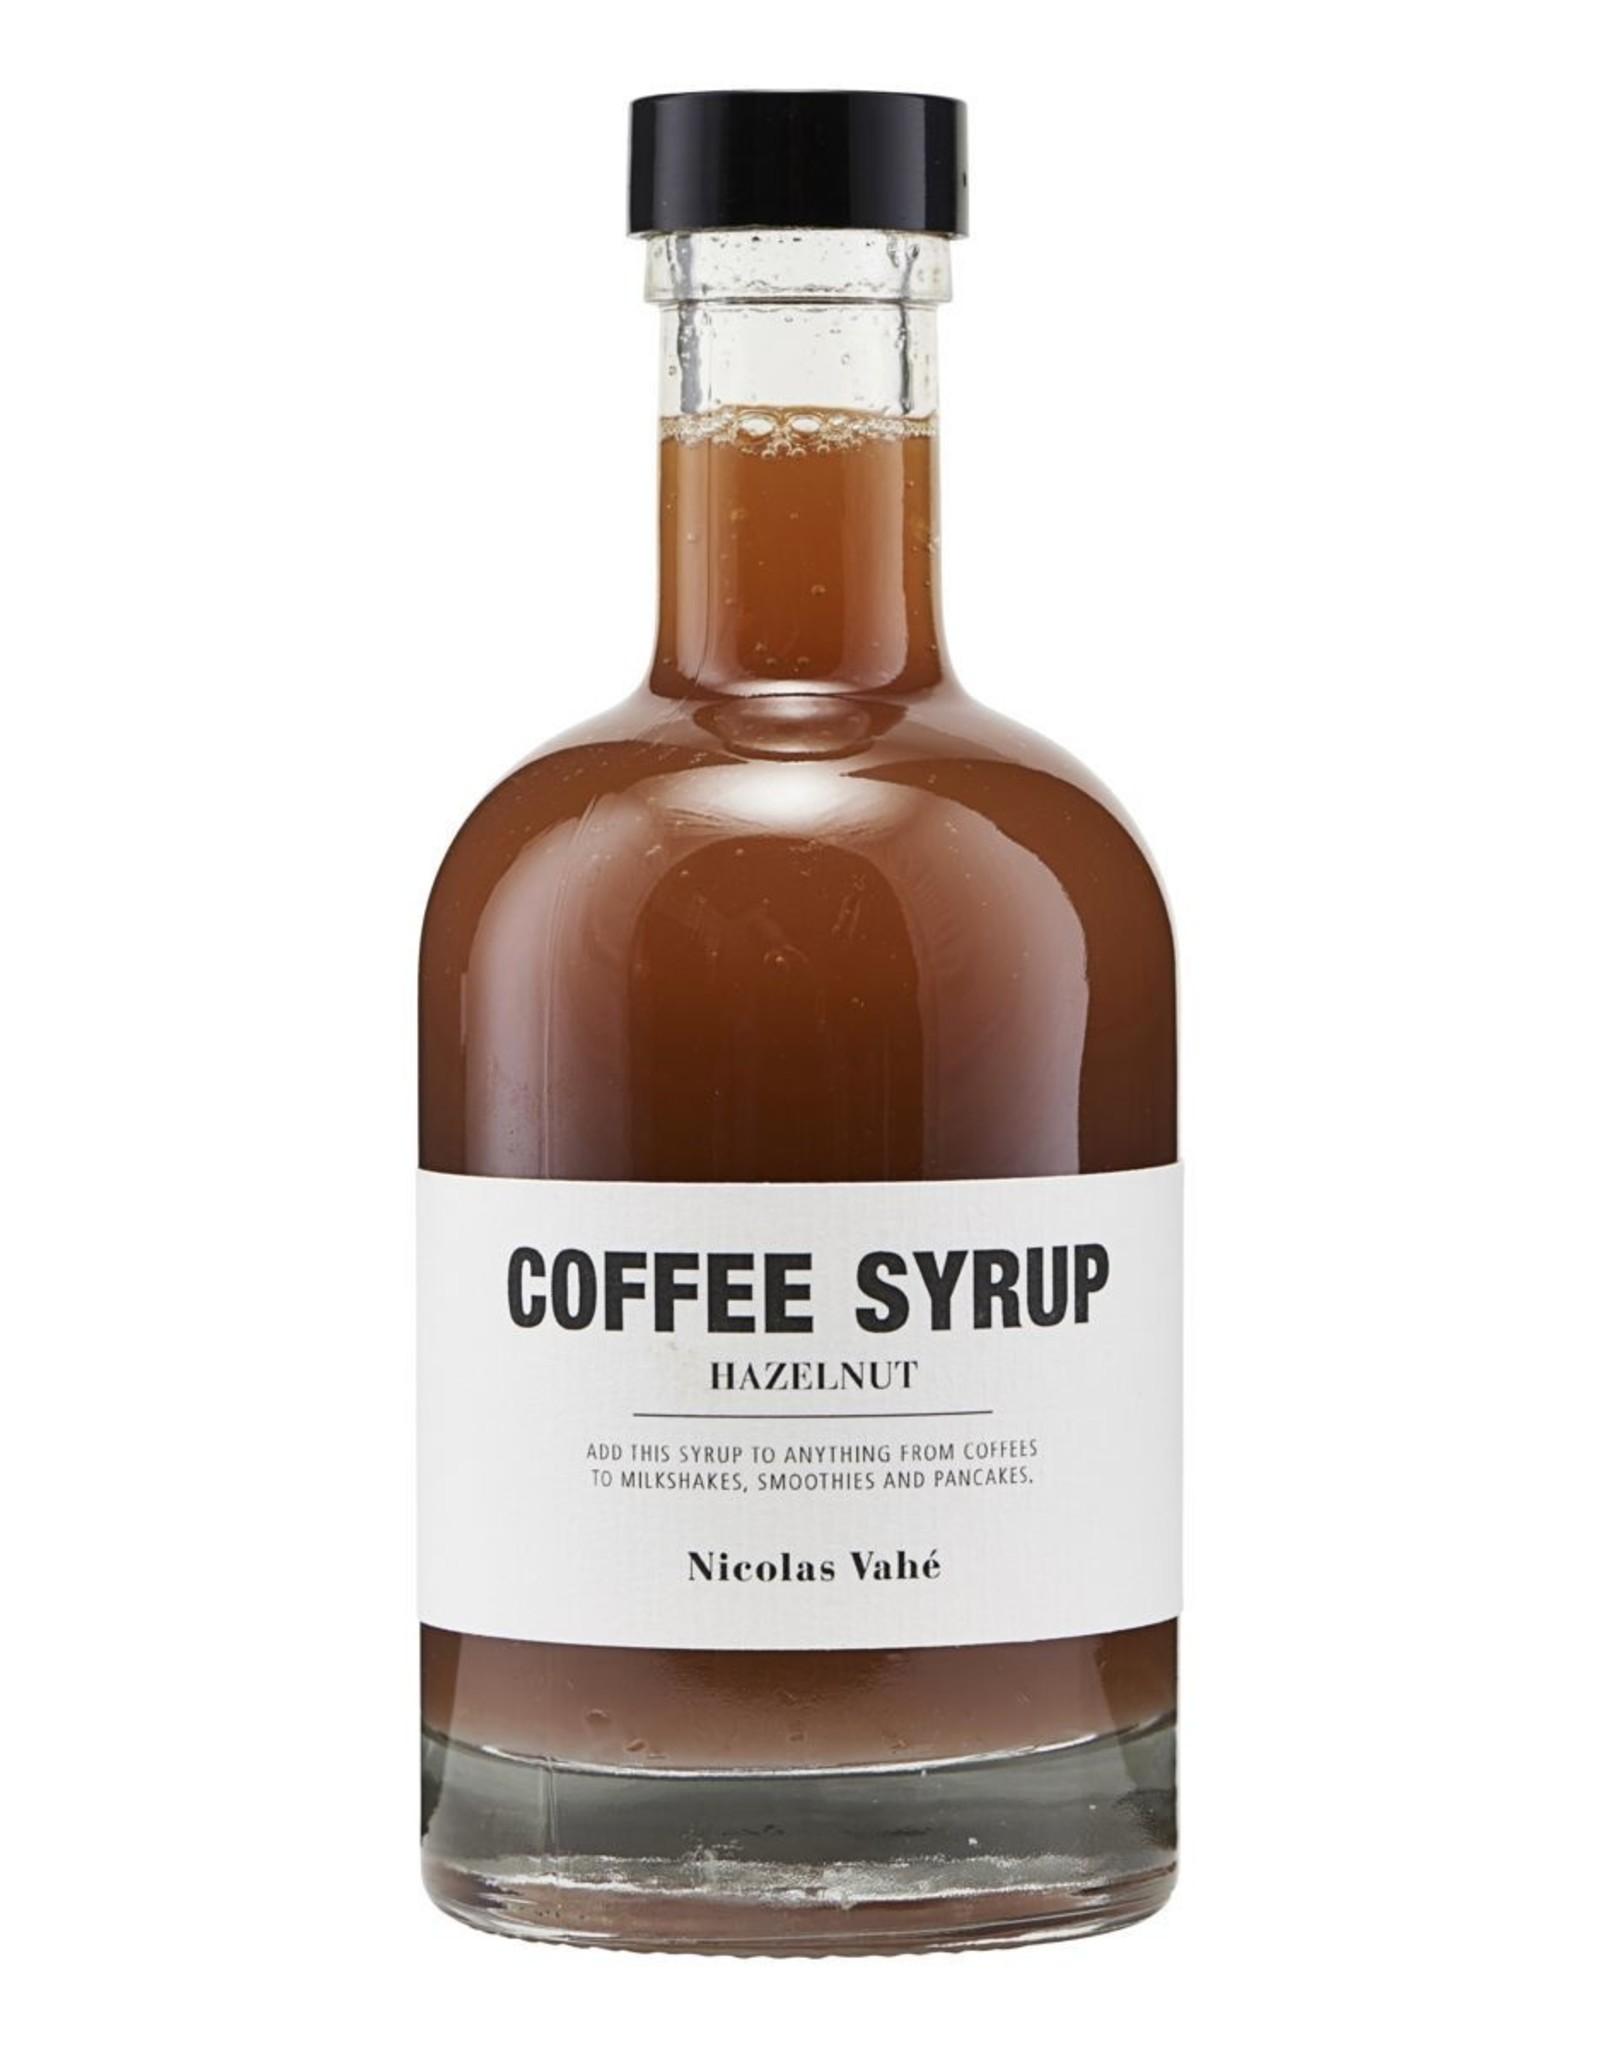 Nicolas Vahé Nicolas Vahé koffie siroop Hazelnoot